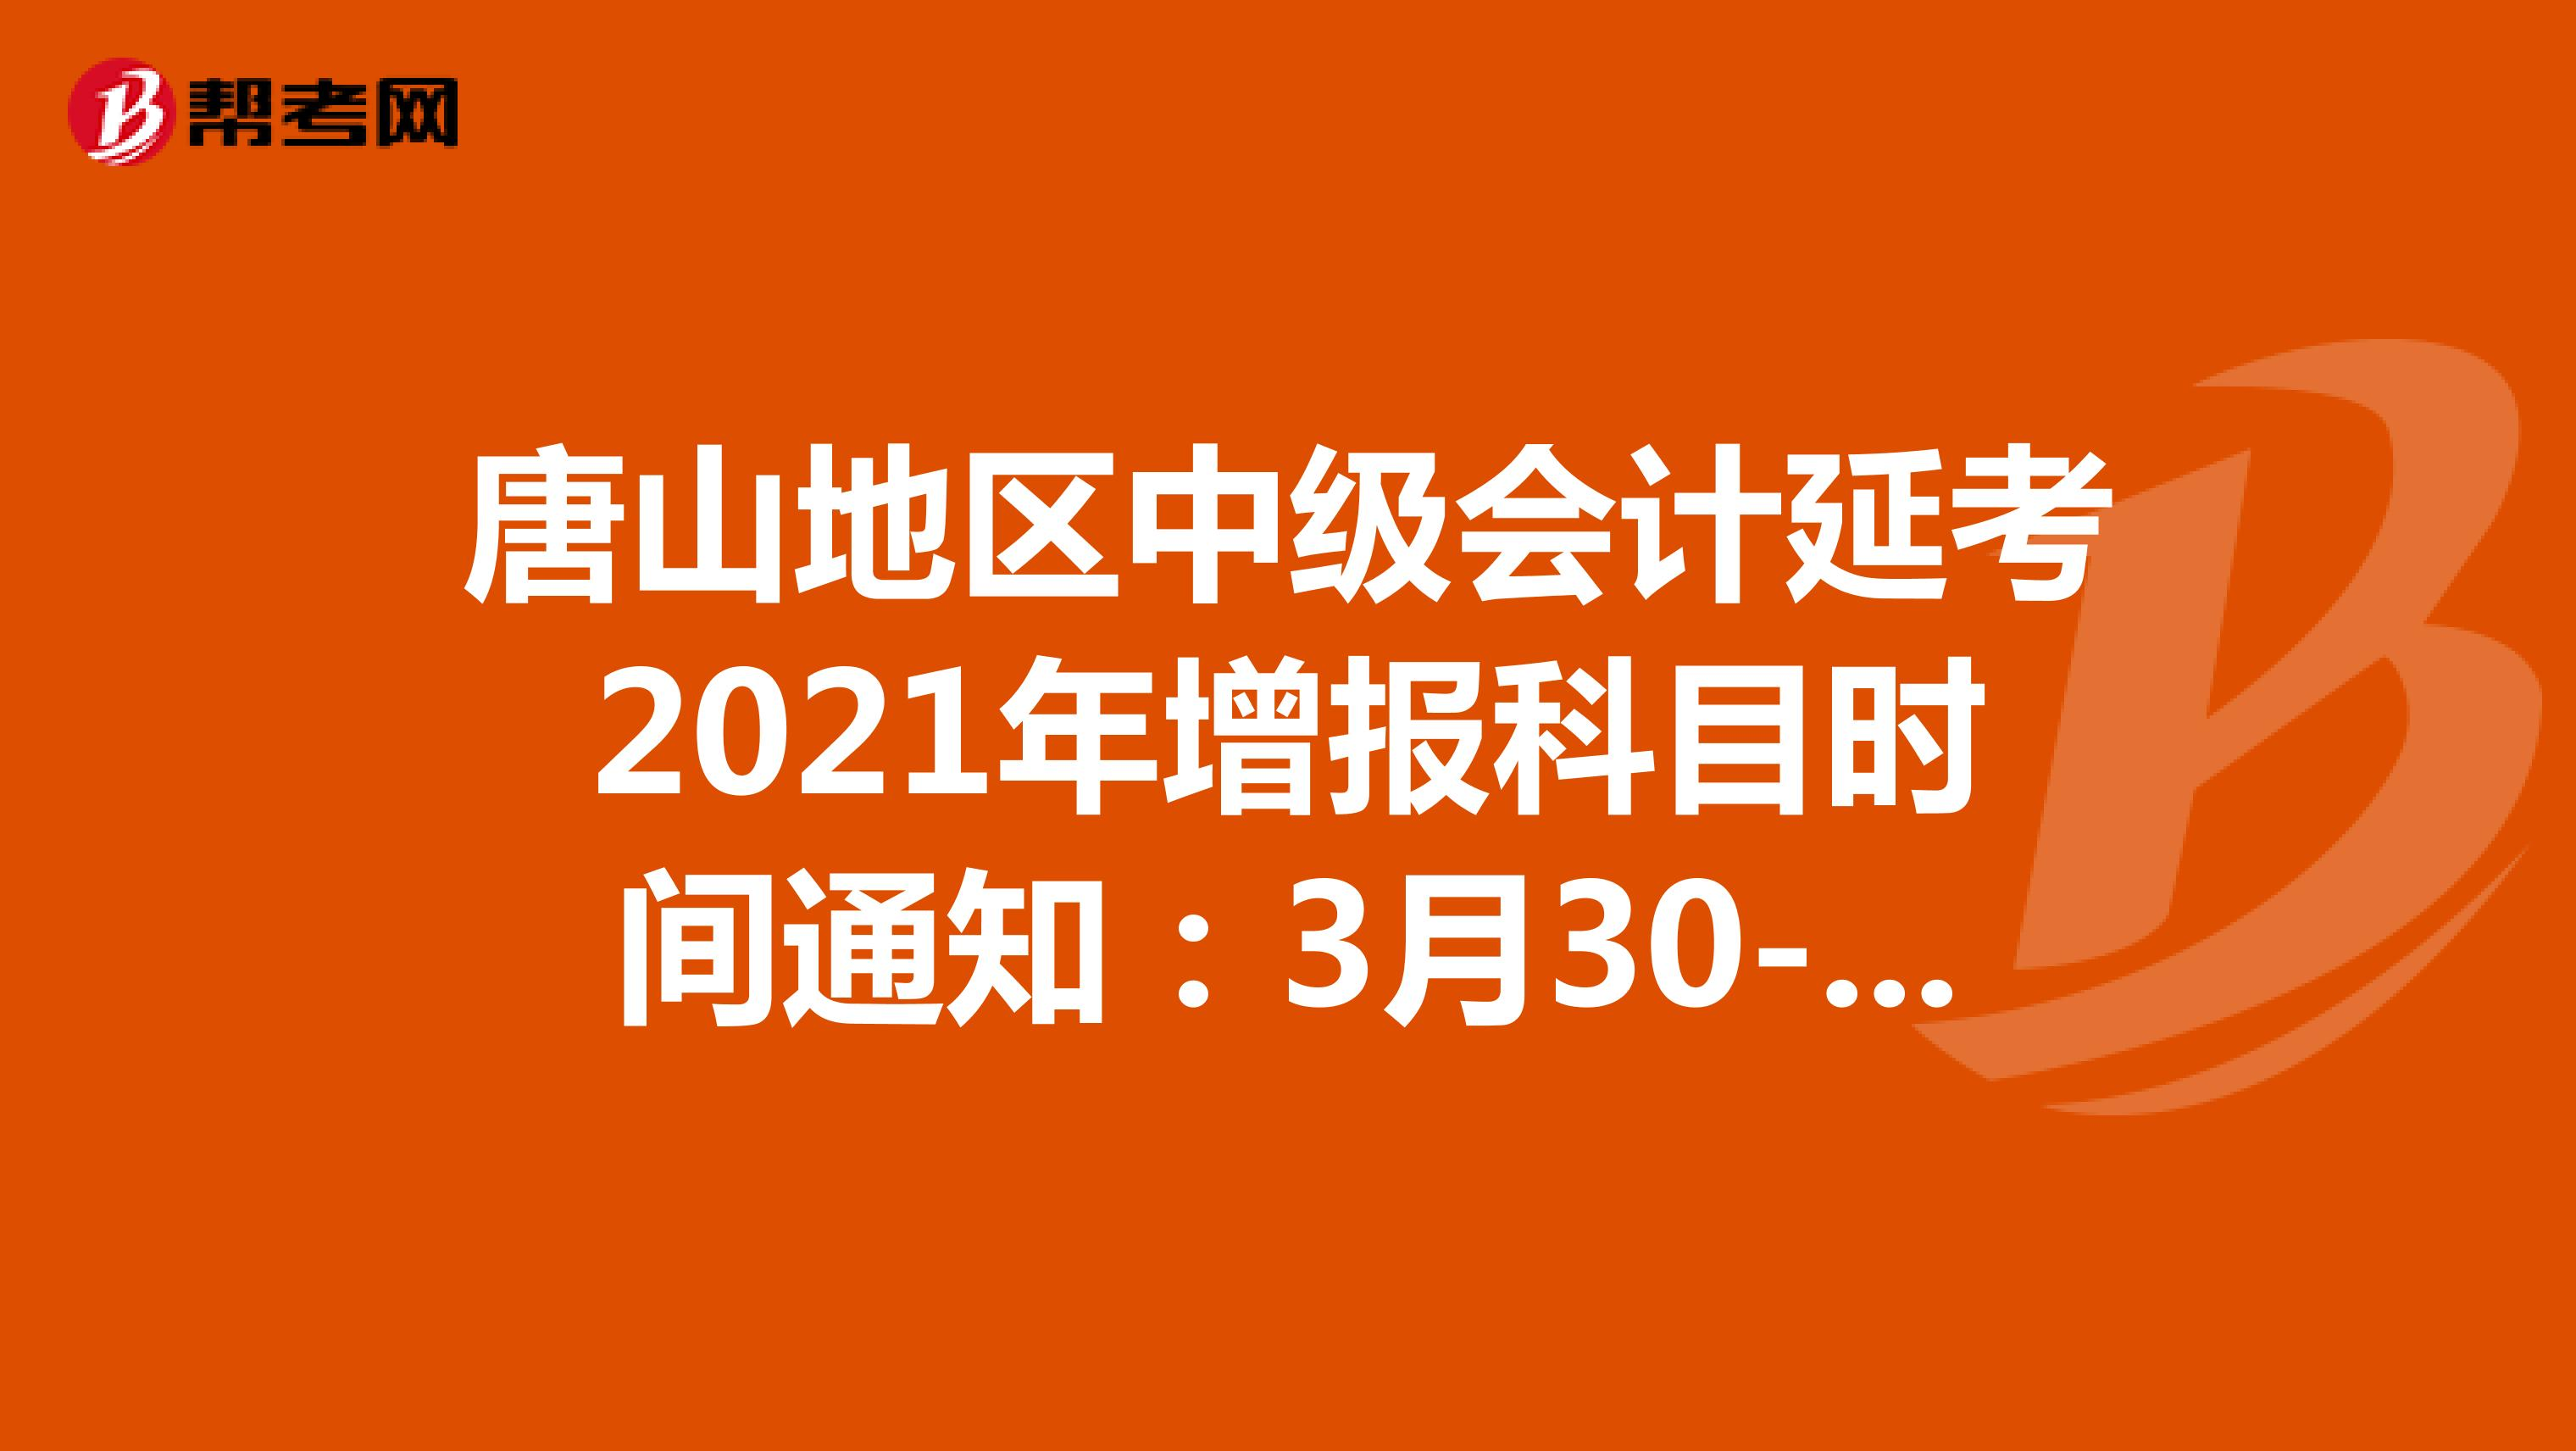 唐山地区中级会计延考2021年增报科目时间通知:3月30-31日